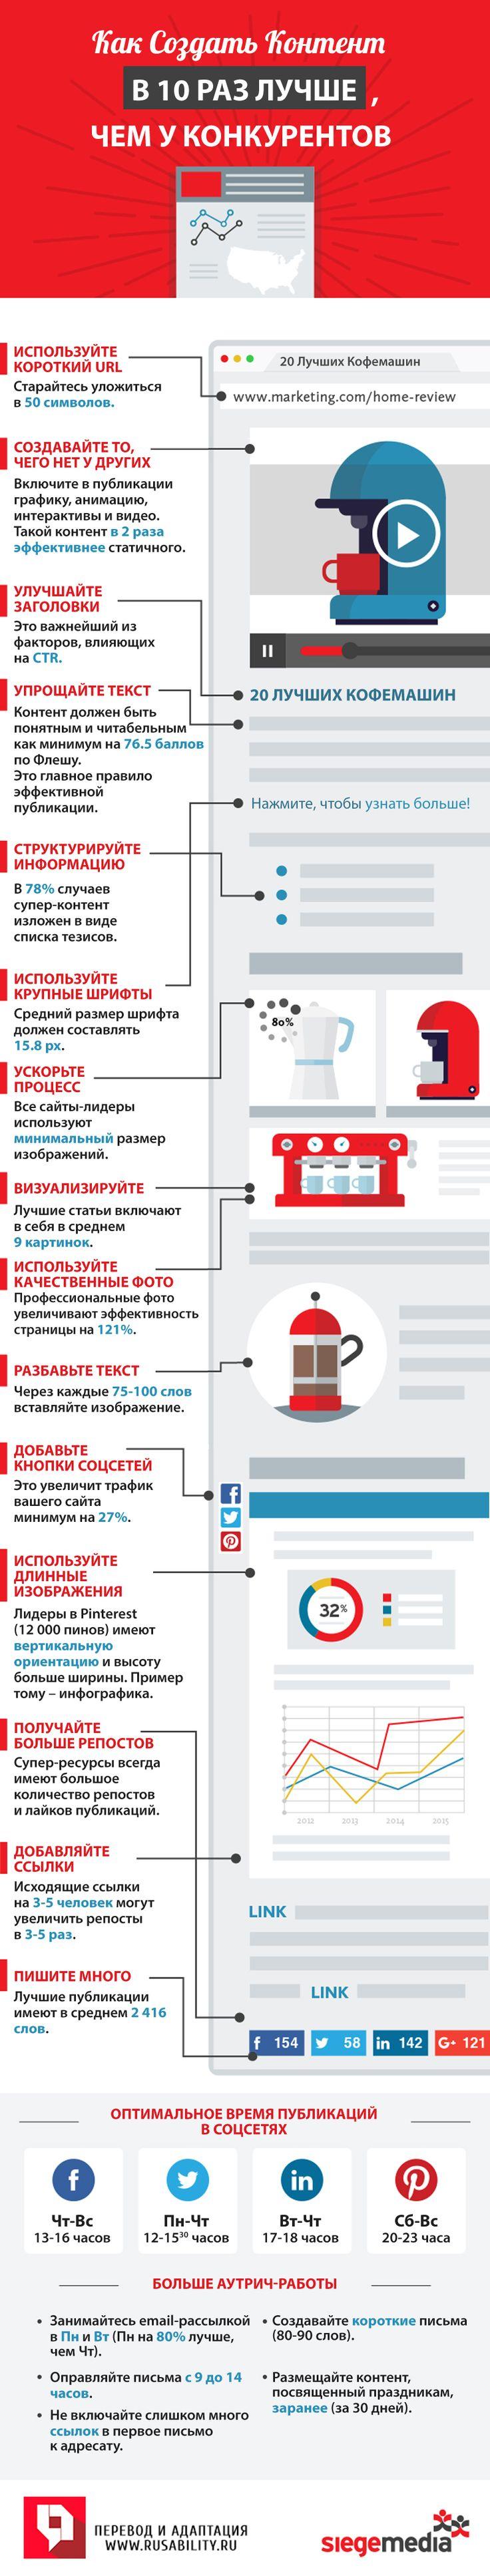 Контент, маркетинг, креатив, публикации, читабельность, индекс удобочитаемости, Флеш, аутрич, время публикаций, социальные сети, соцсети, инфографика